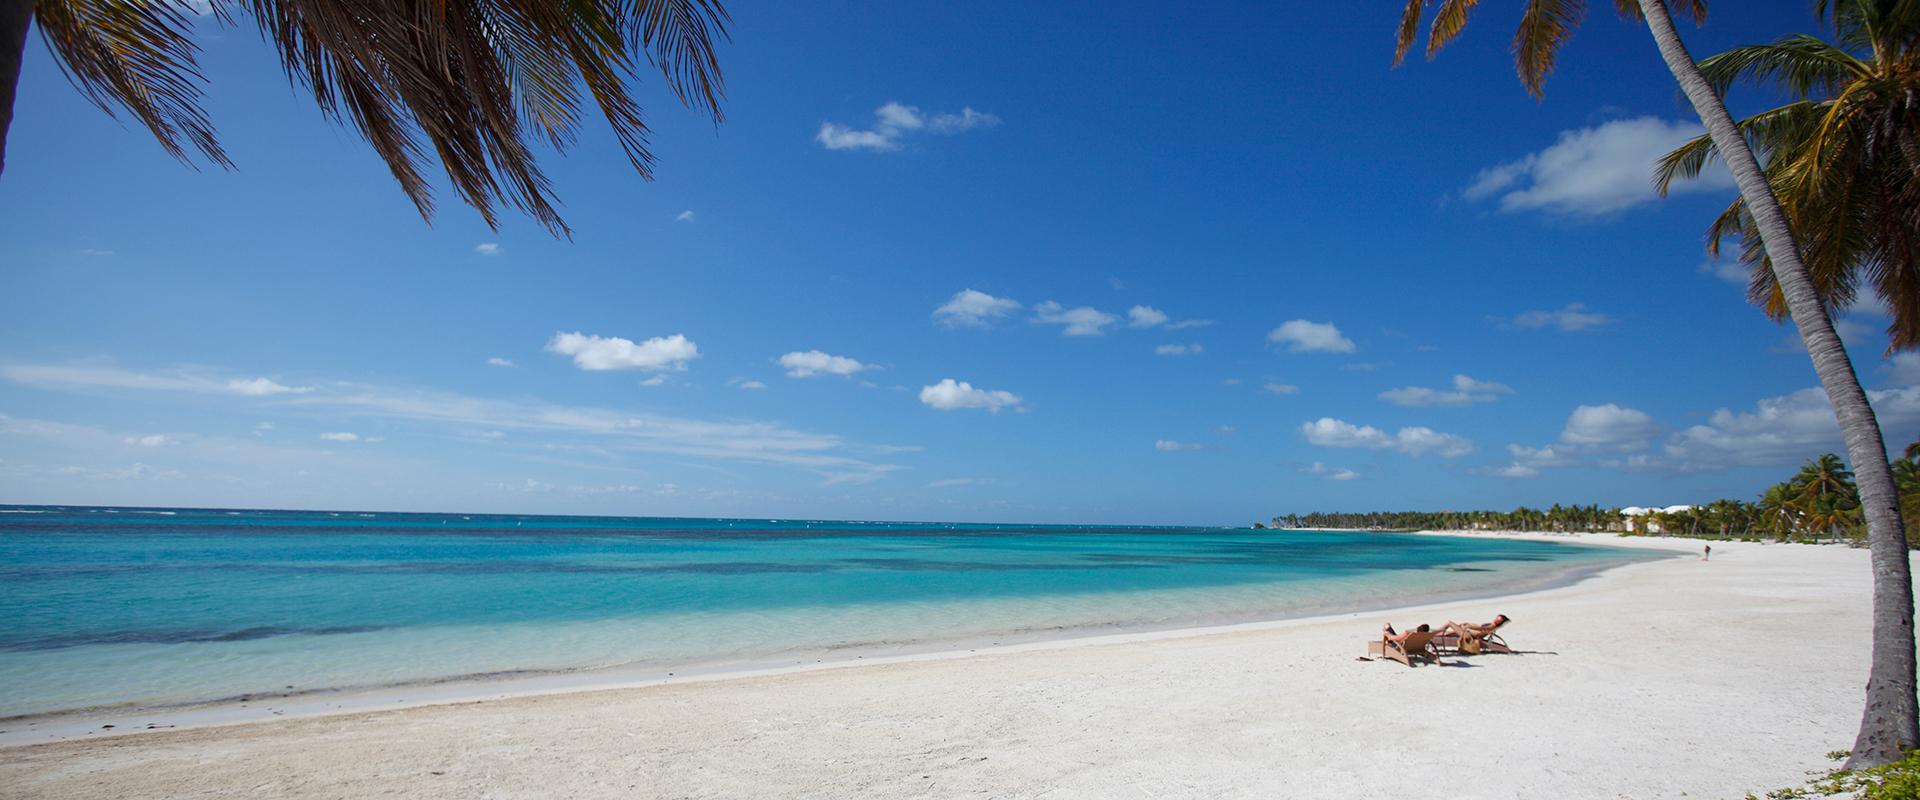 O icônico litoral de Punta Cana